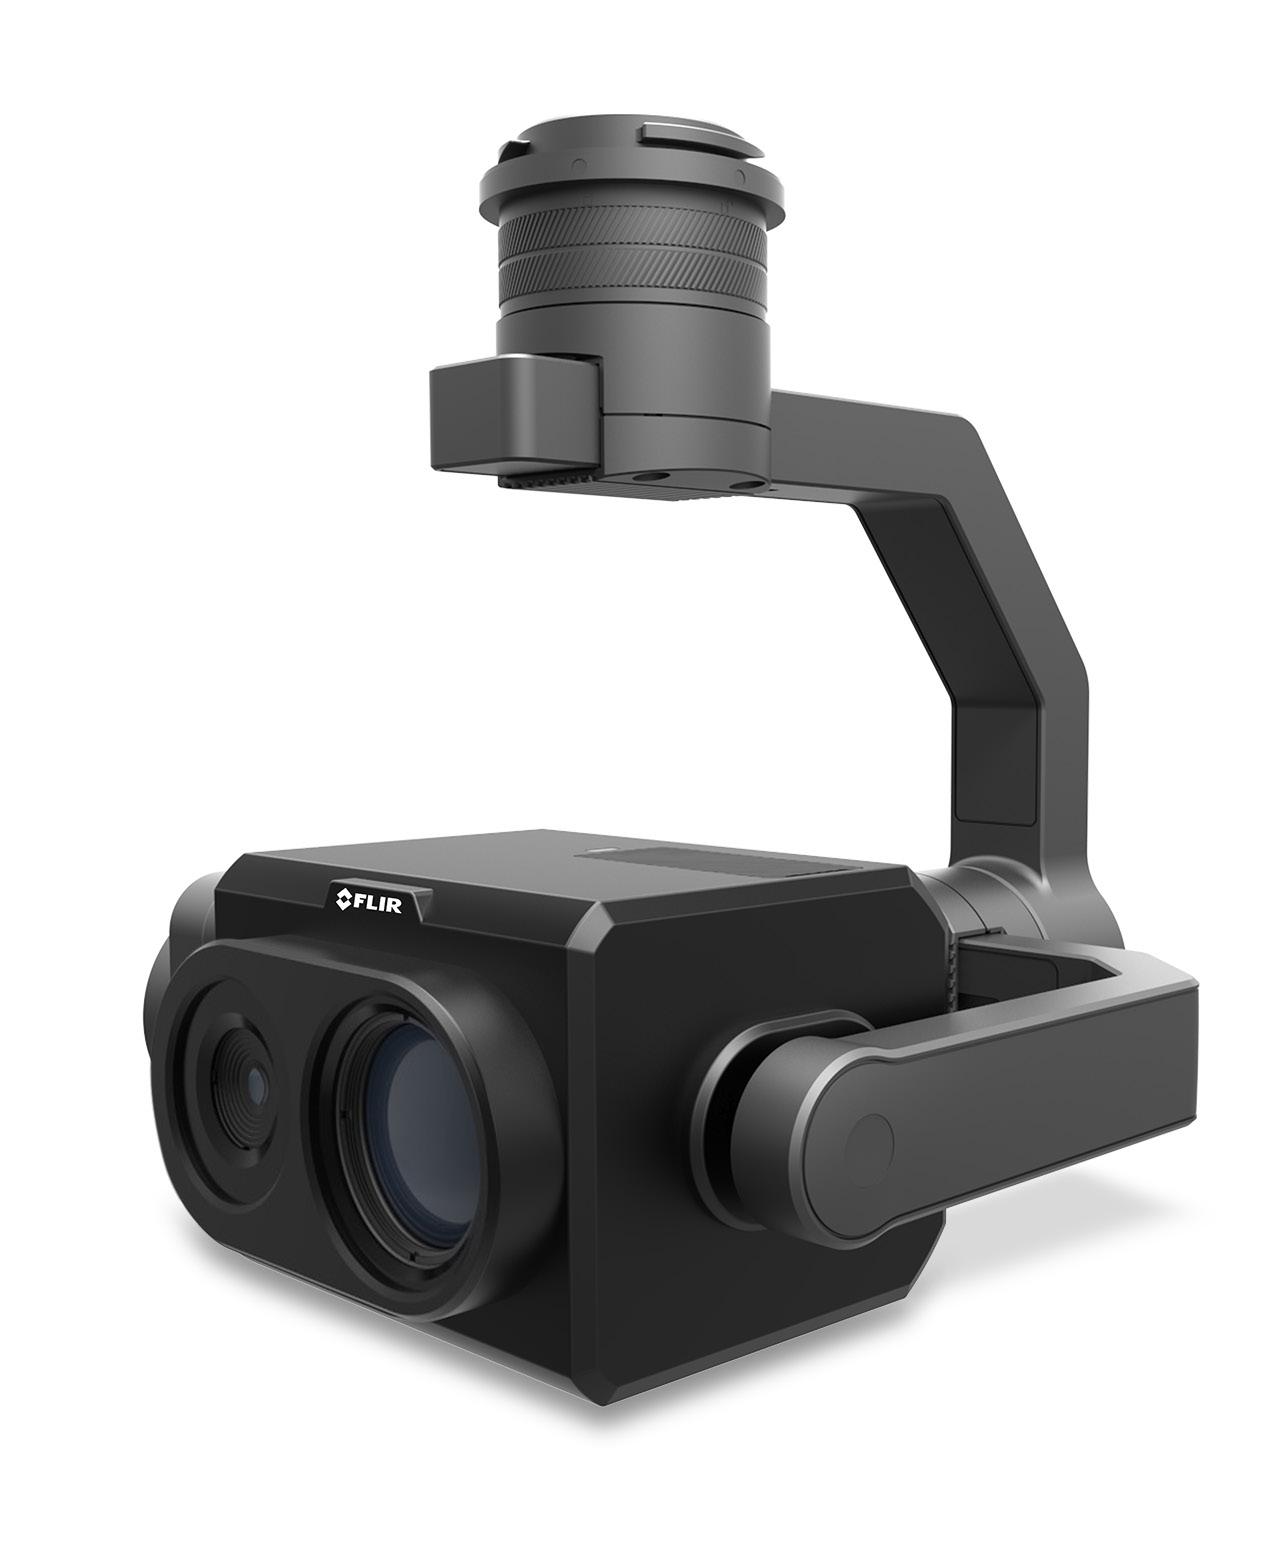 tz20-flir-thermal-camera.png